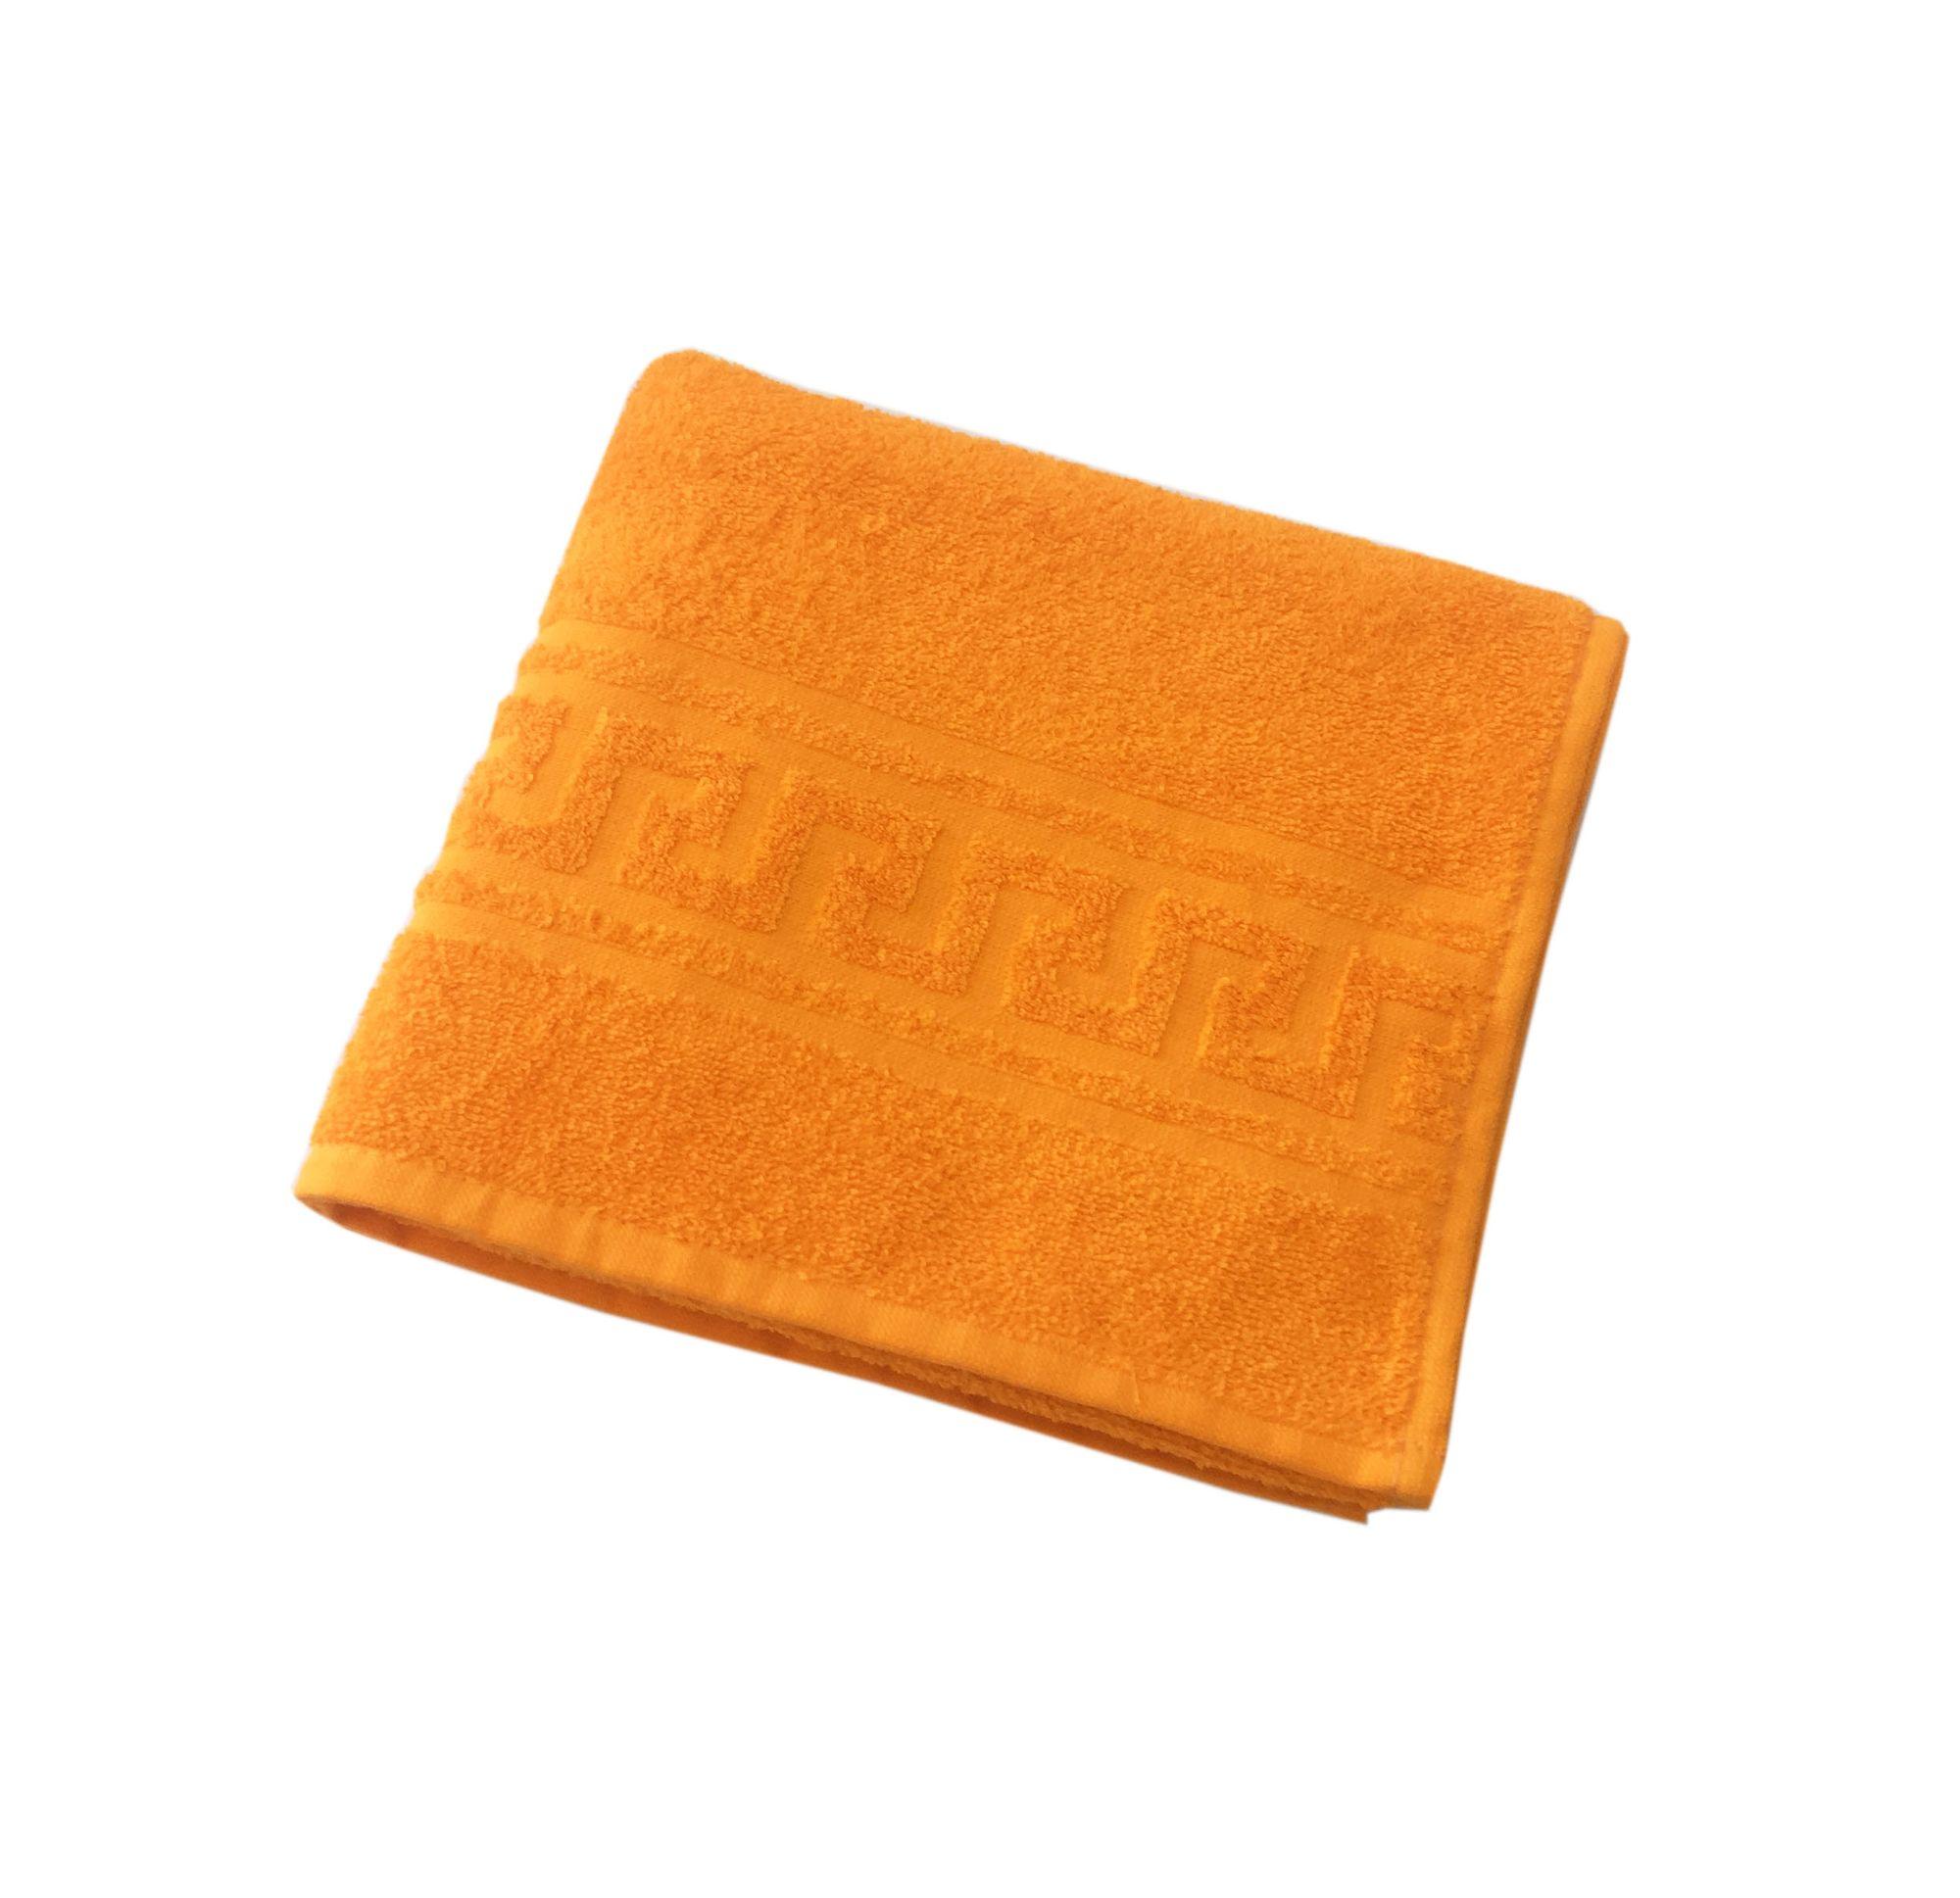 Махровое гладкокрашенное полотенце 70*140 см 380 г/м2 (Апельсиновый)